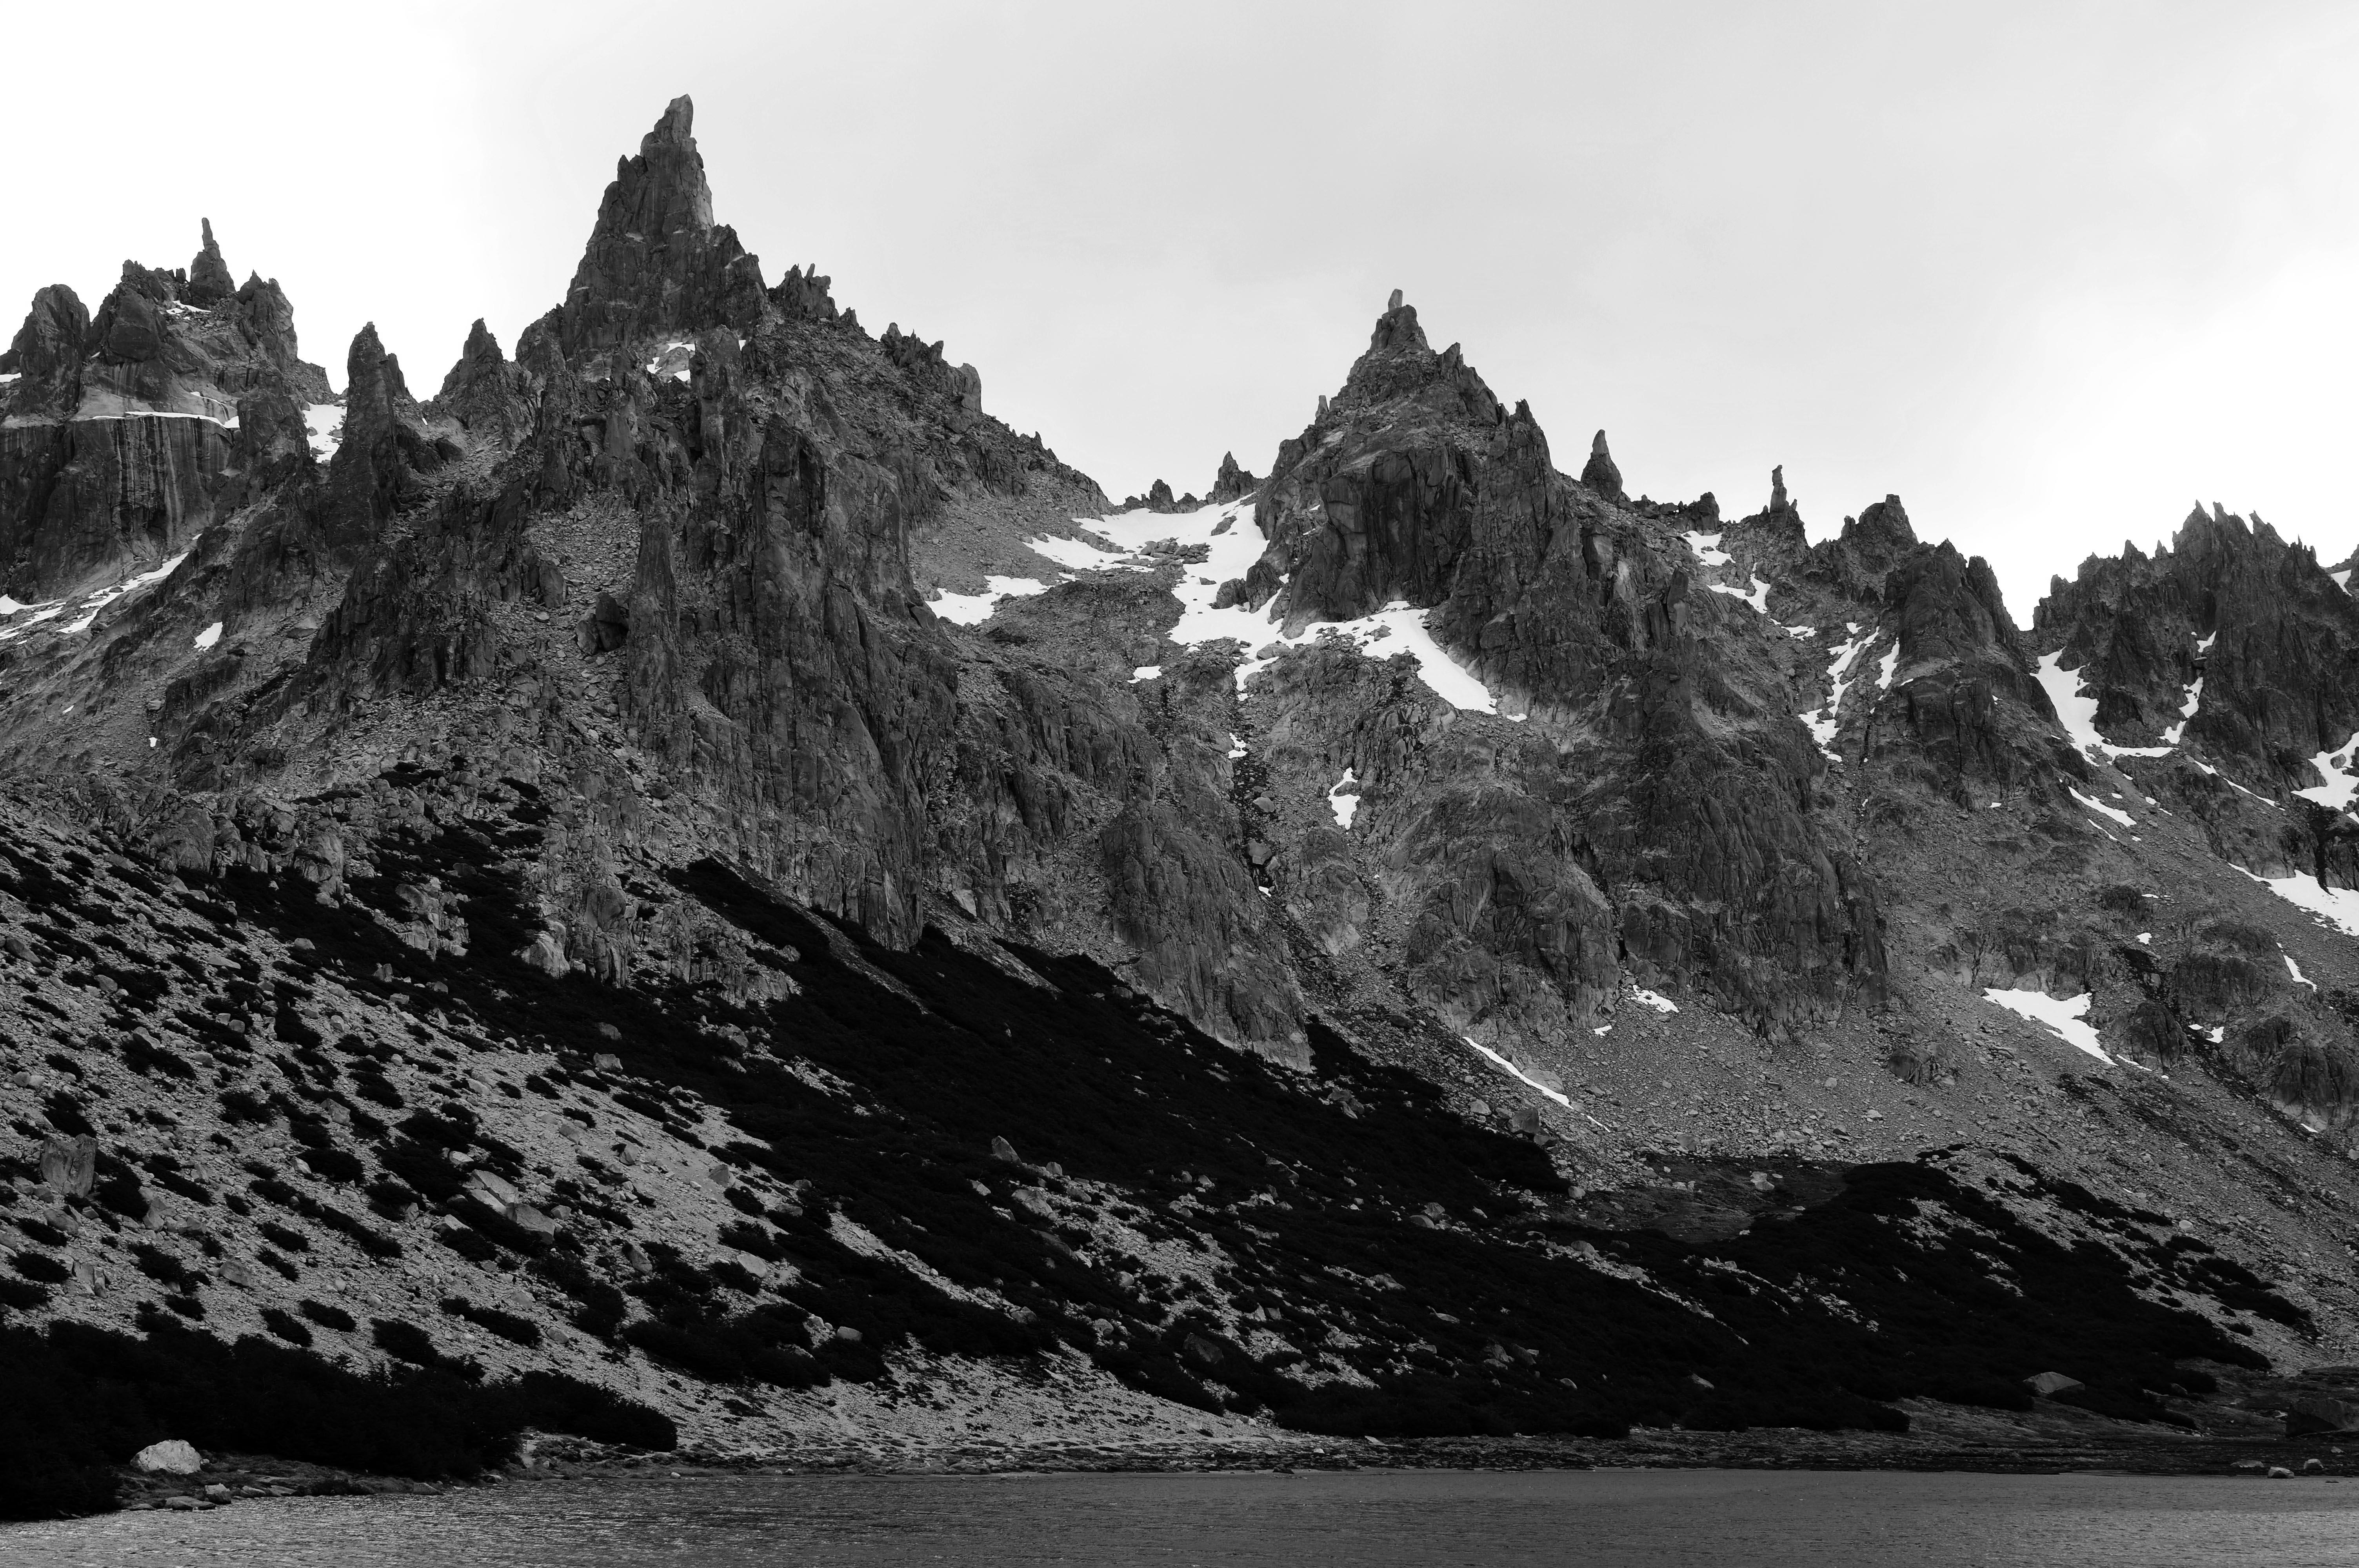 180101_Bariloche-Cerro Catedral34-b&w